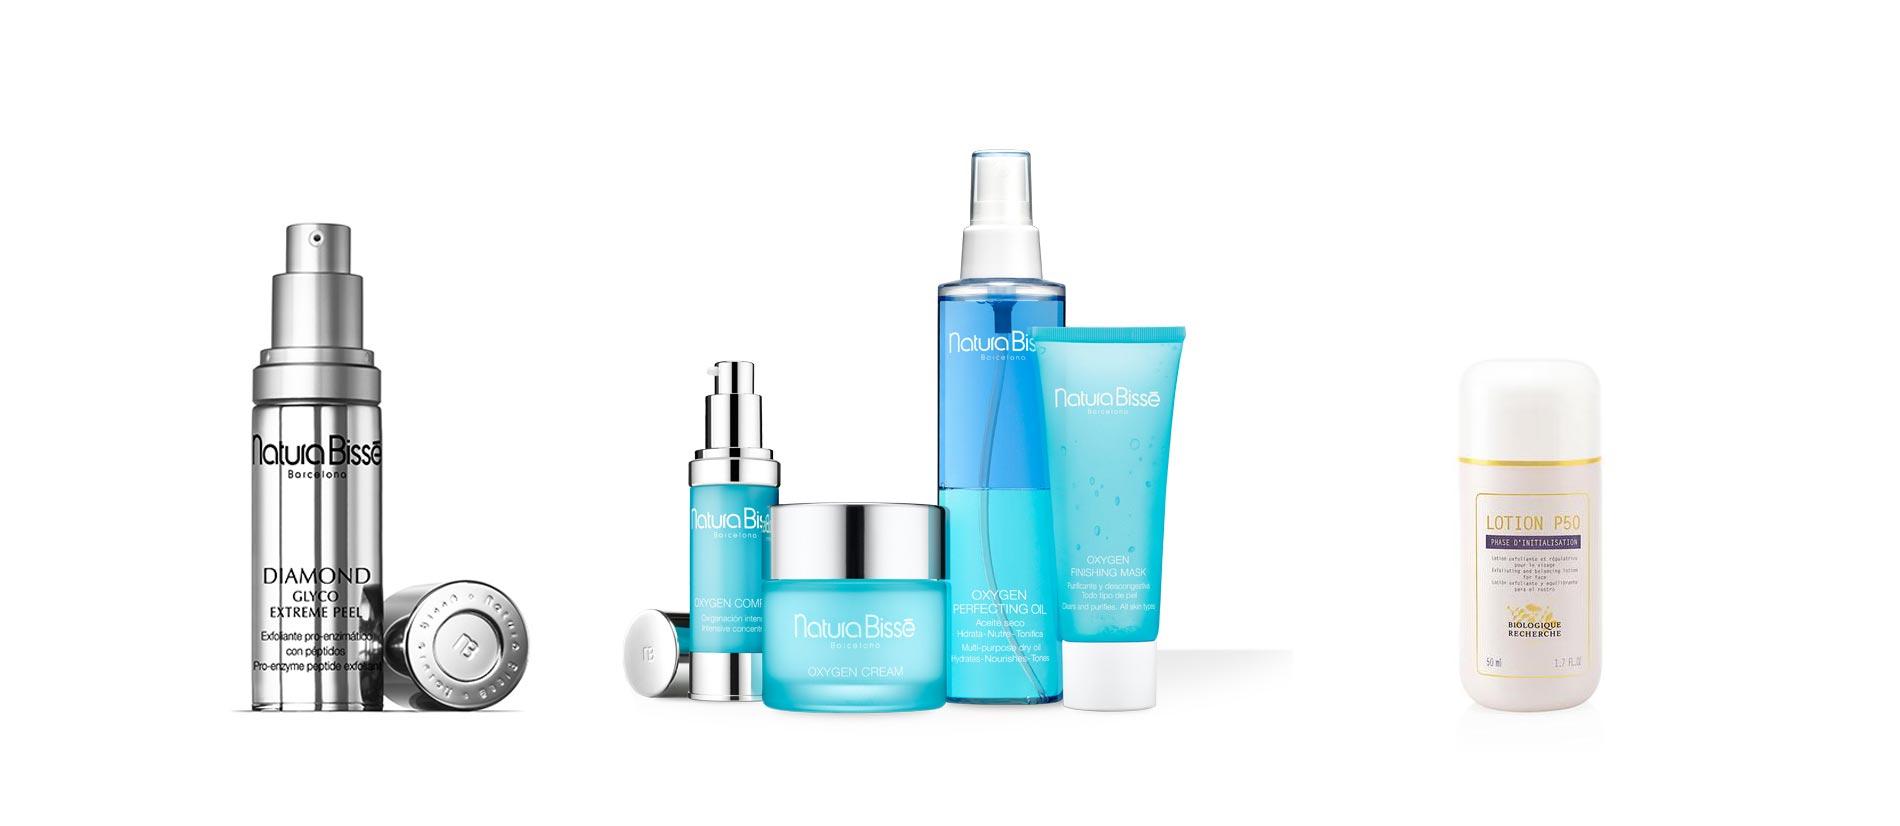 Productos cosméticos para regenerar la piel